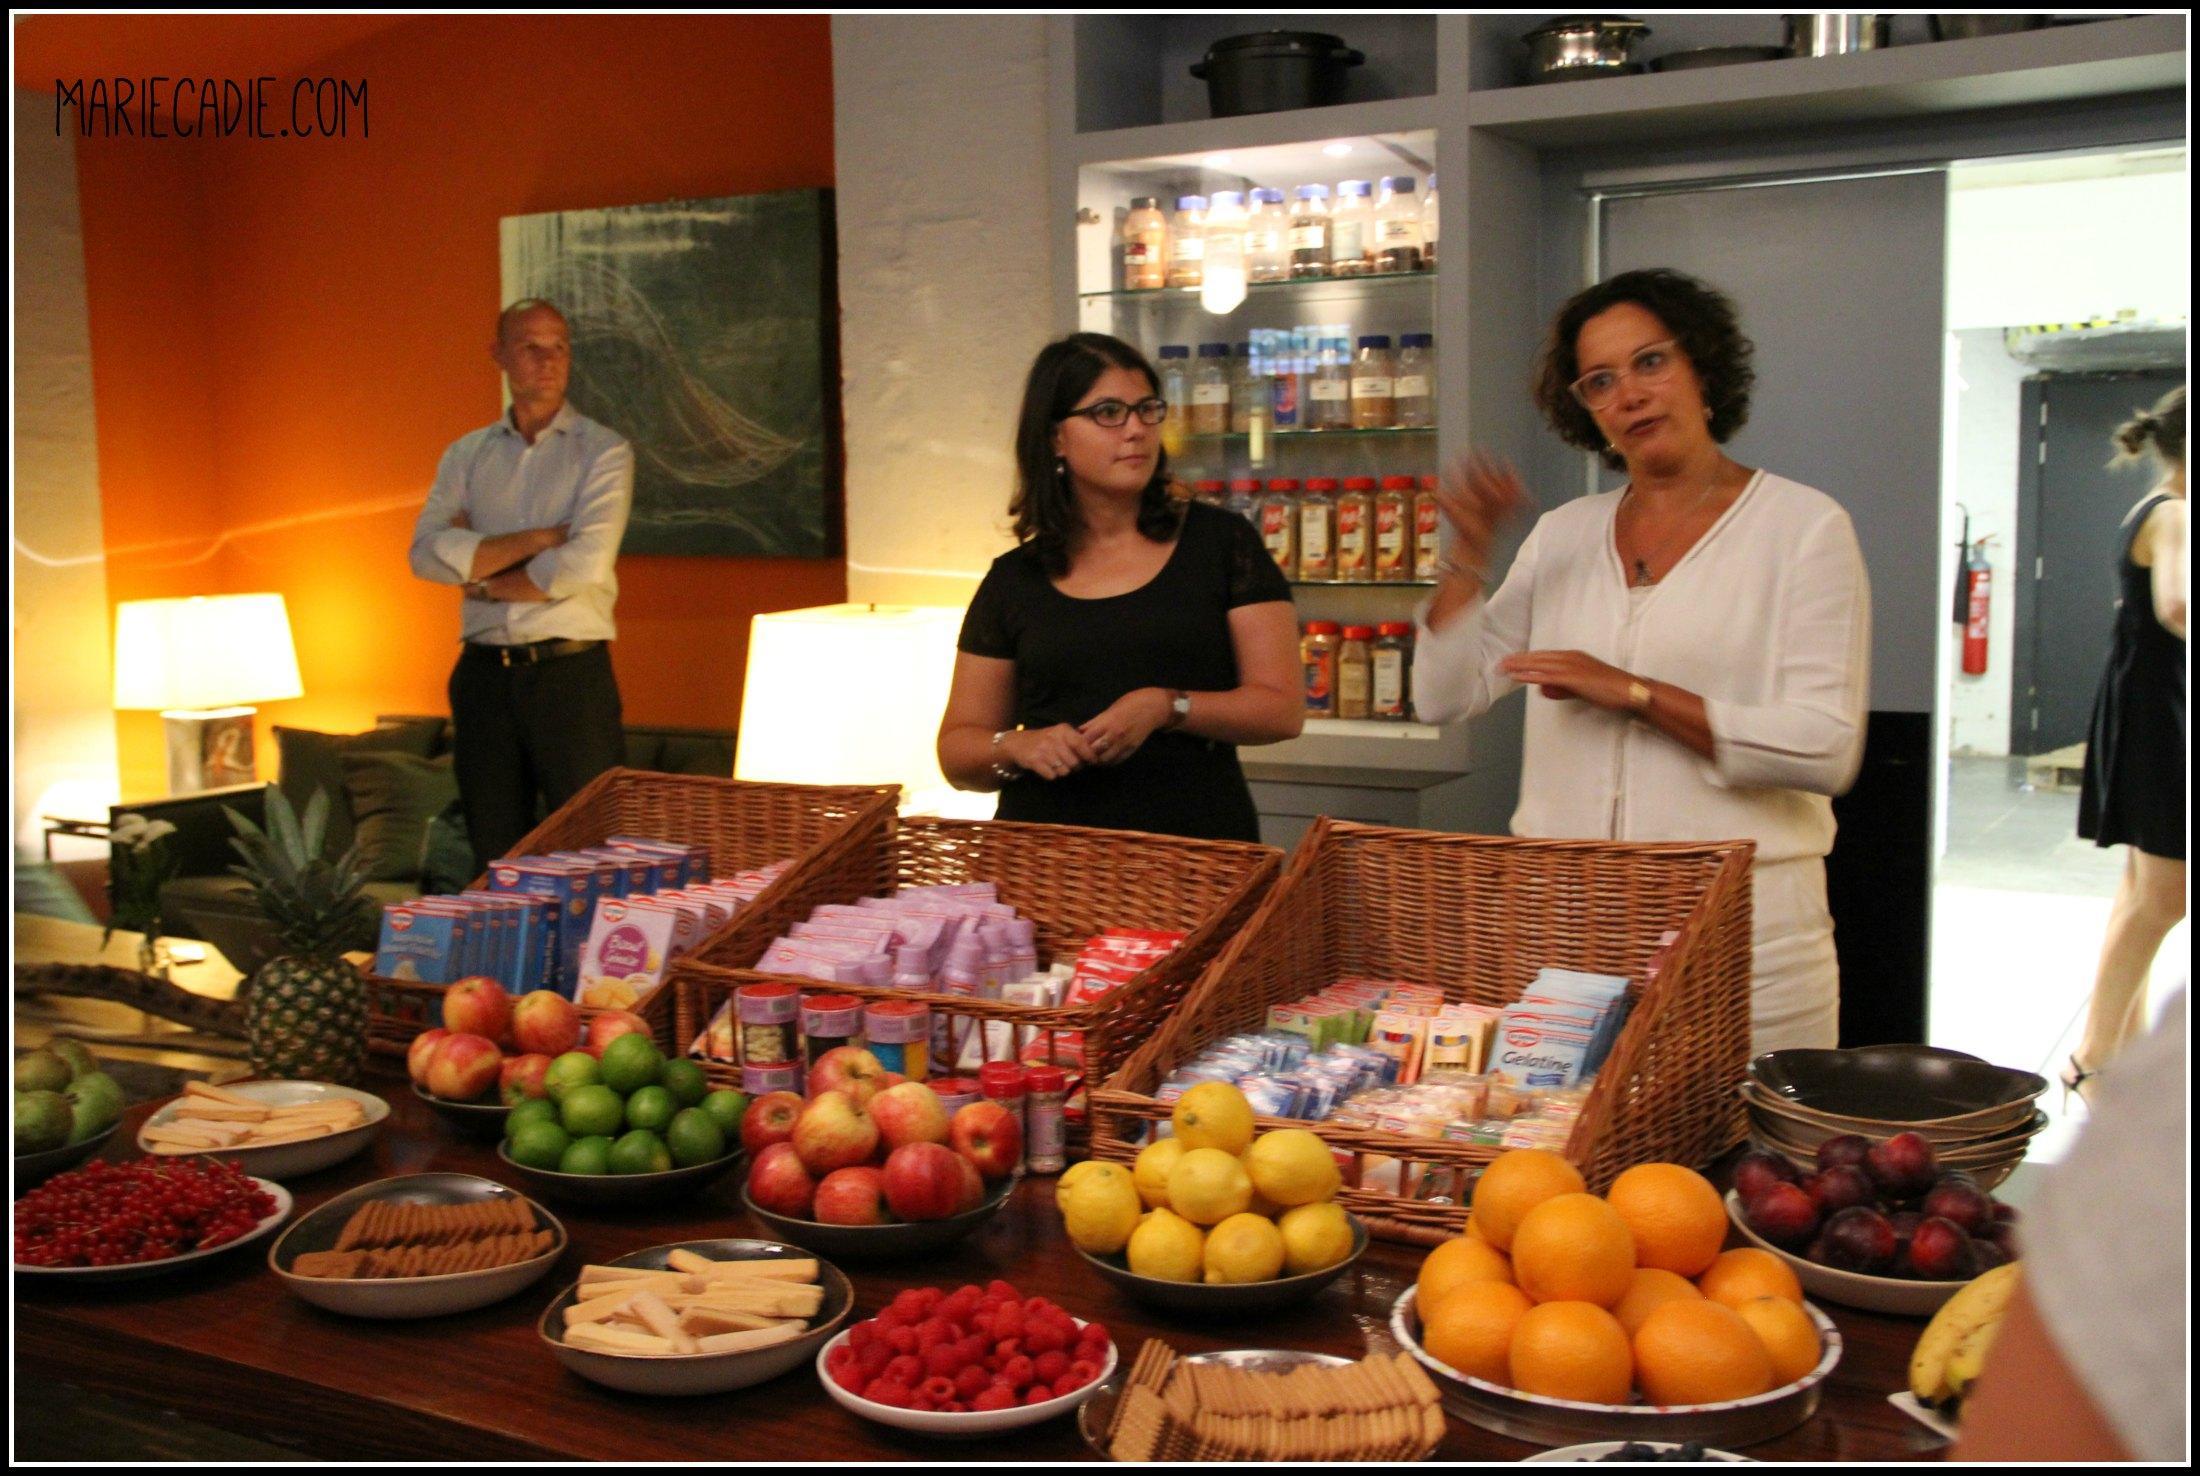 MarieCadie.com Droetker challenge ingredienten.jpg.jpg